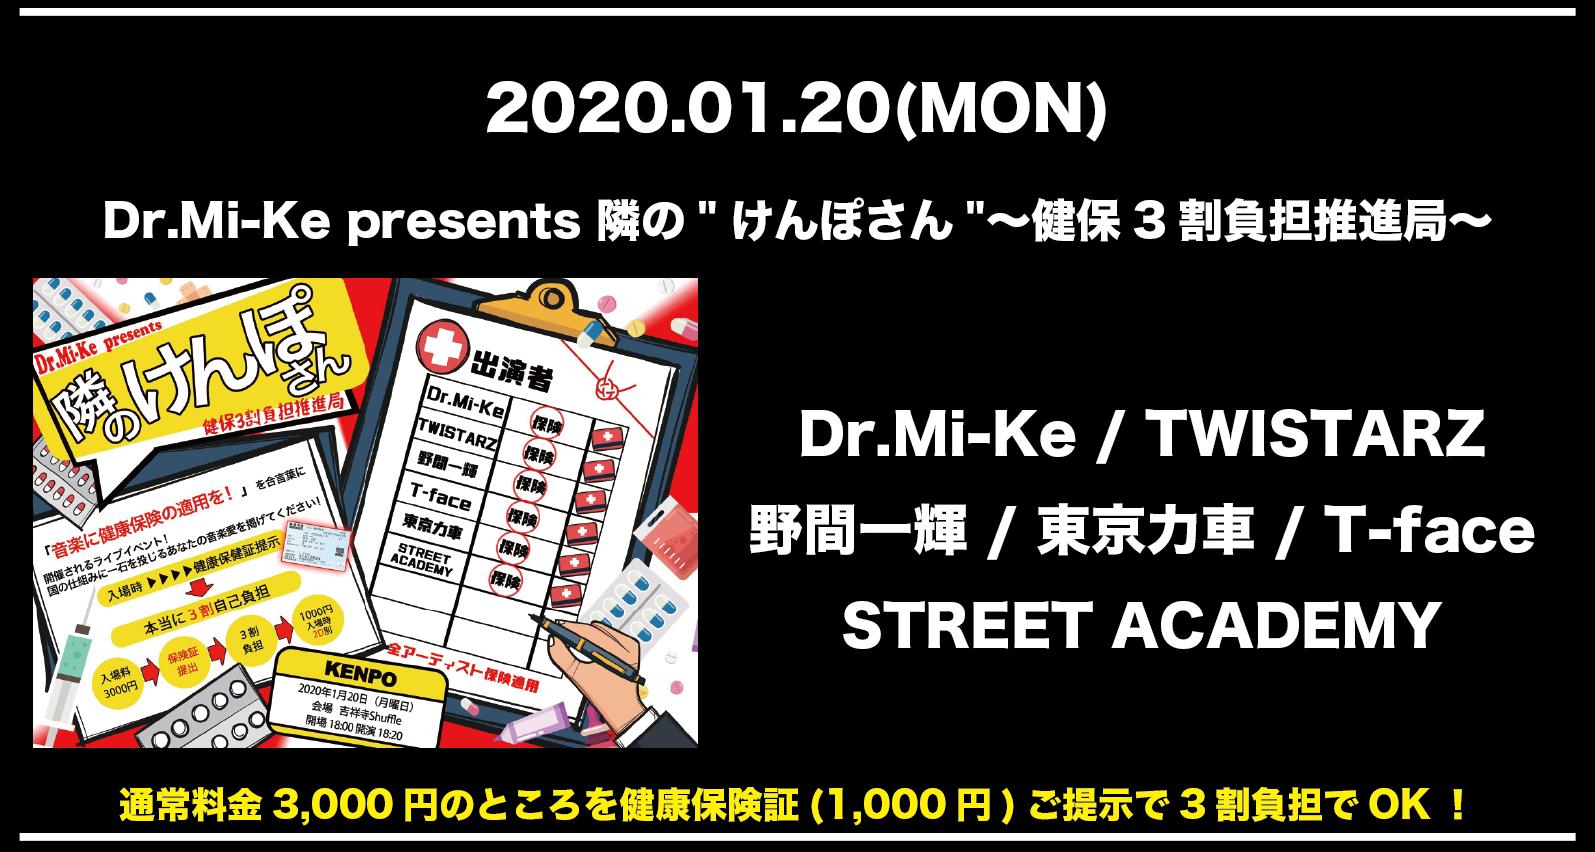 Dr.Mi-Ke presents 隣の